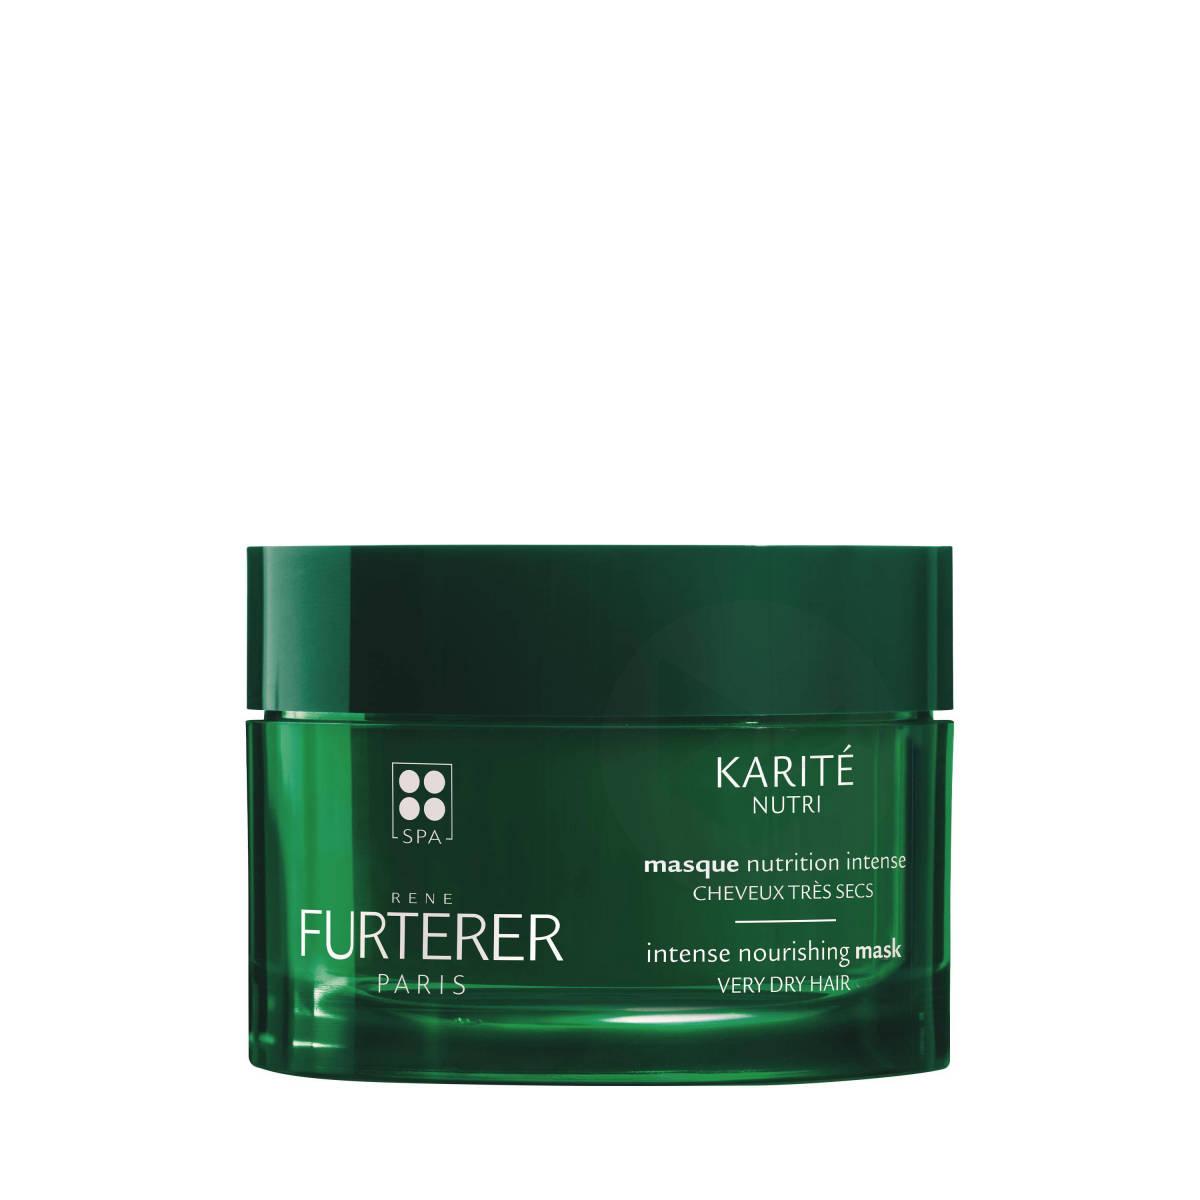 Masque nutrition intense d'exception au beurre de karité 200ml